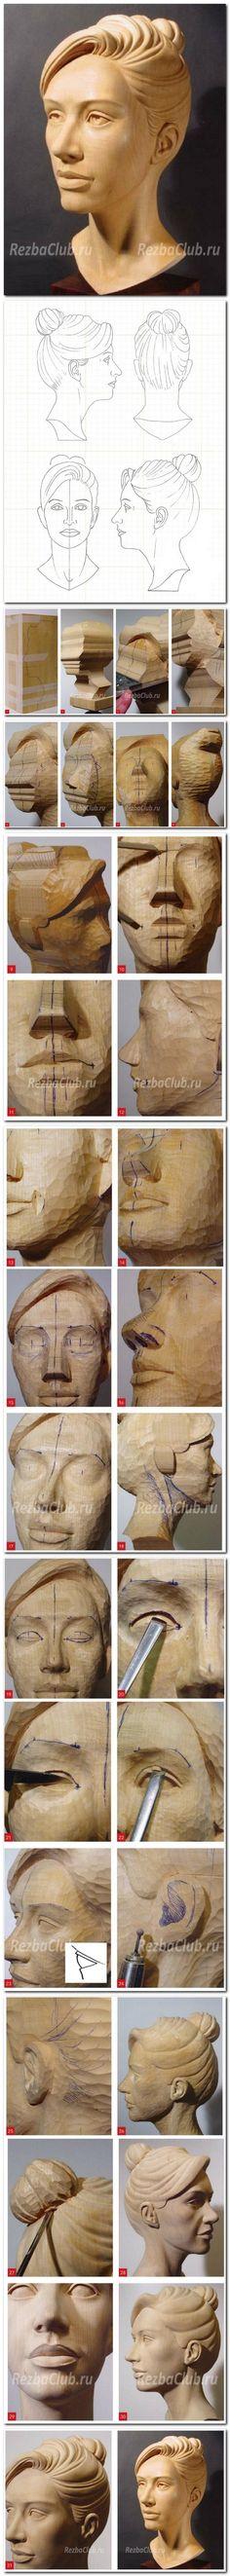 Как вырезать из дерева голову женщины